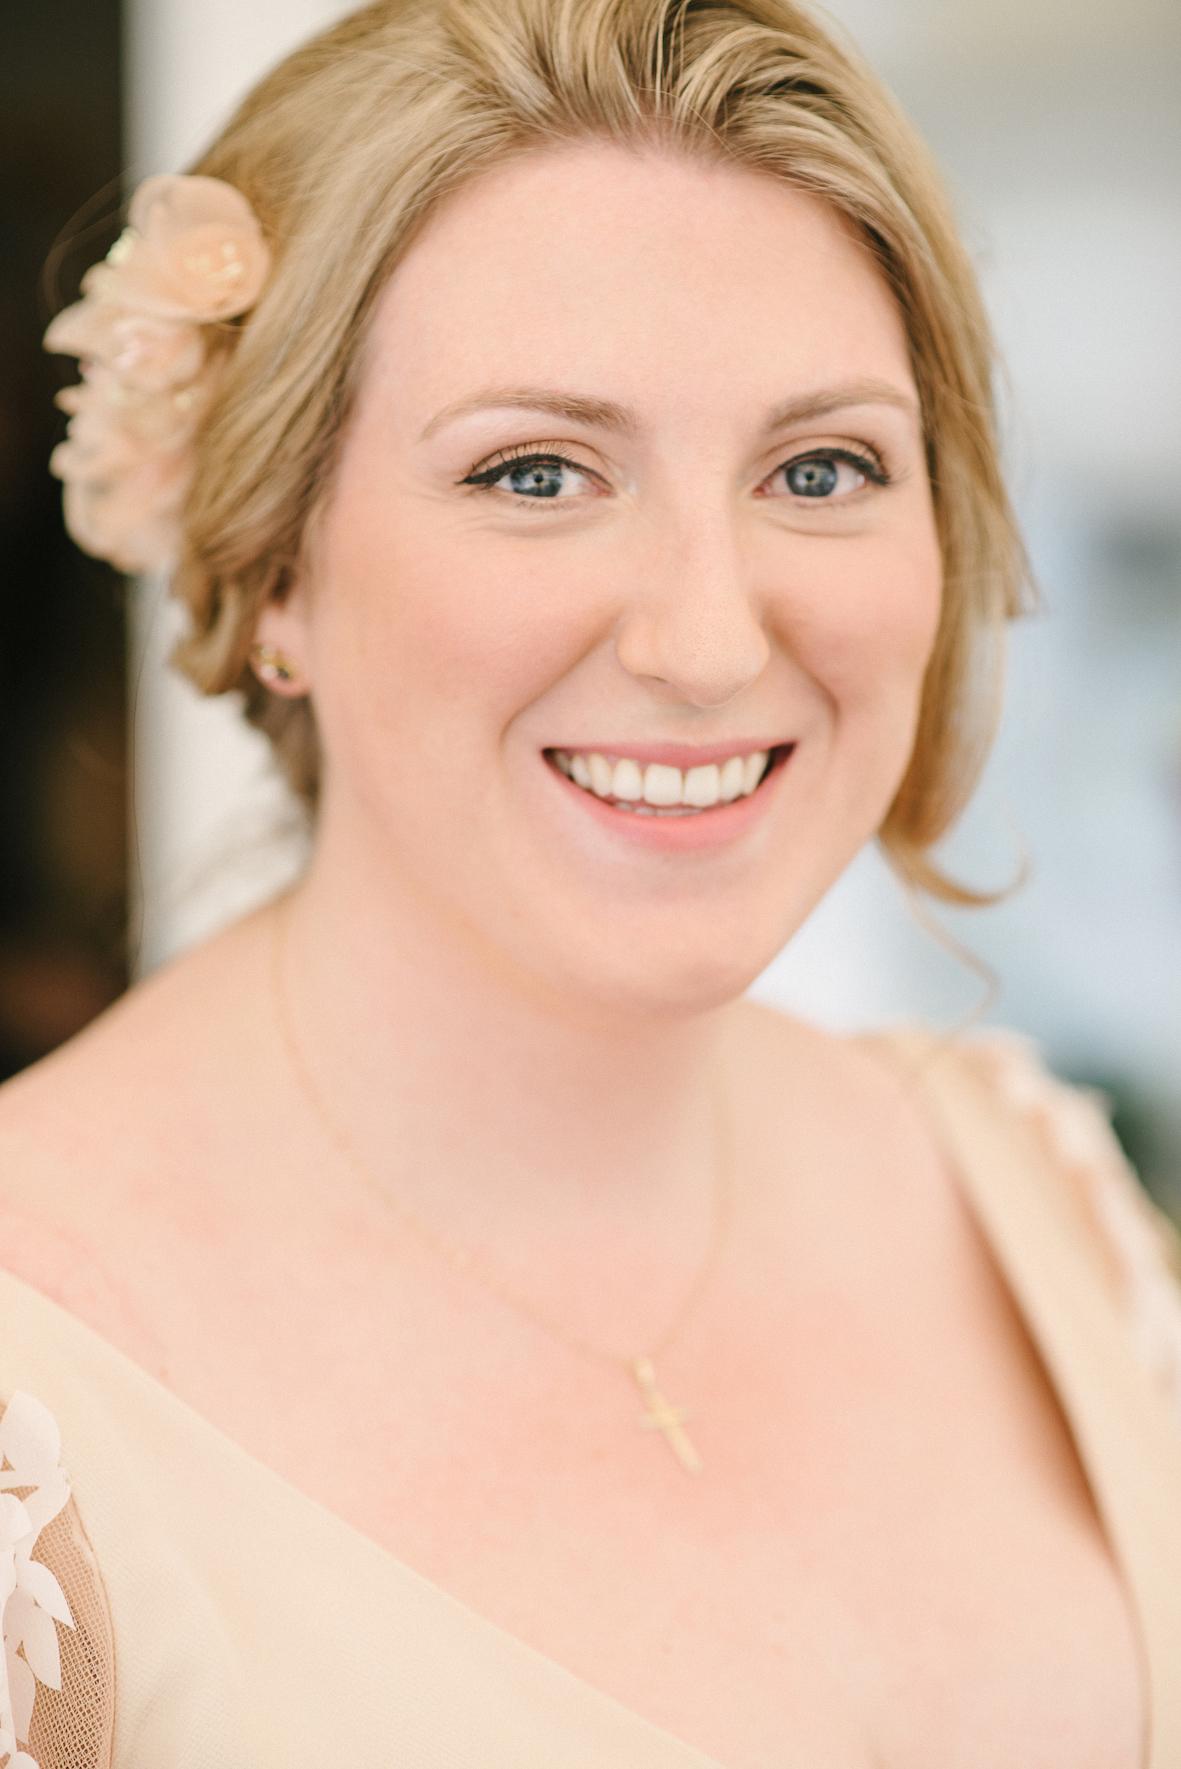 Clare Allan bridal floral headpiece